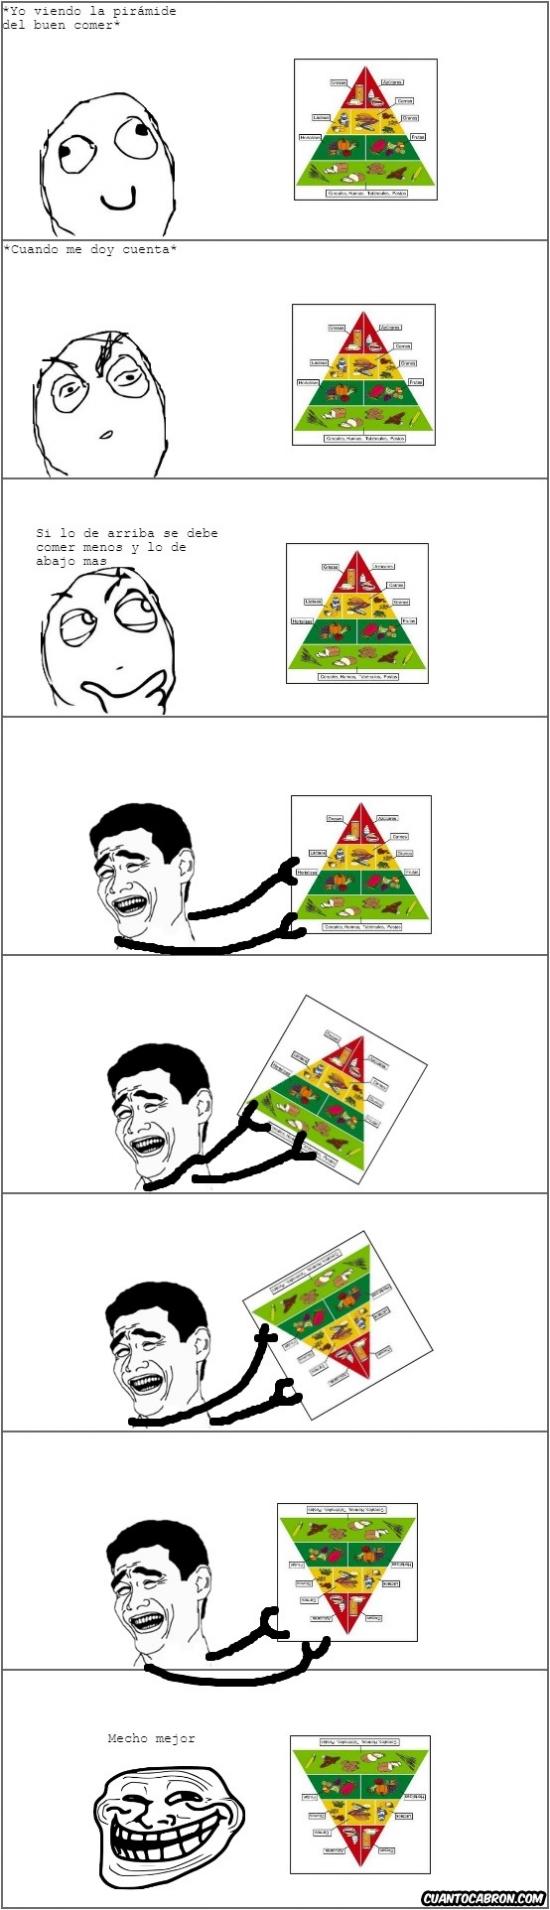 Trollface - A todos nos gusta la pirámide invertida